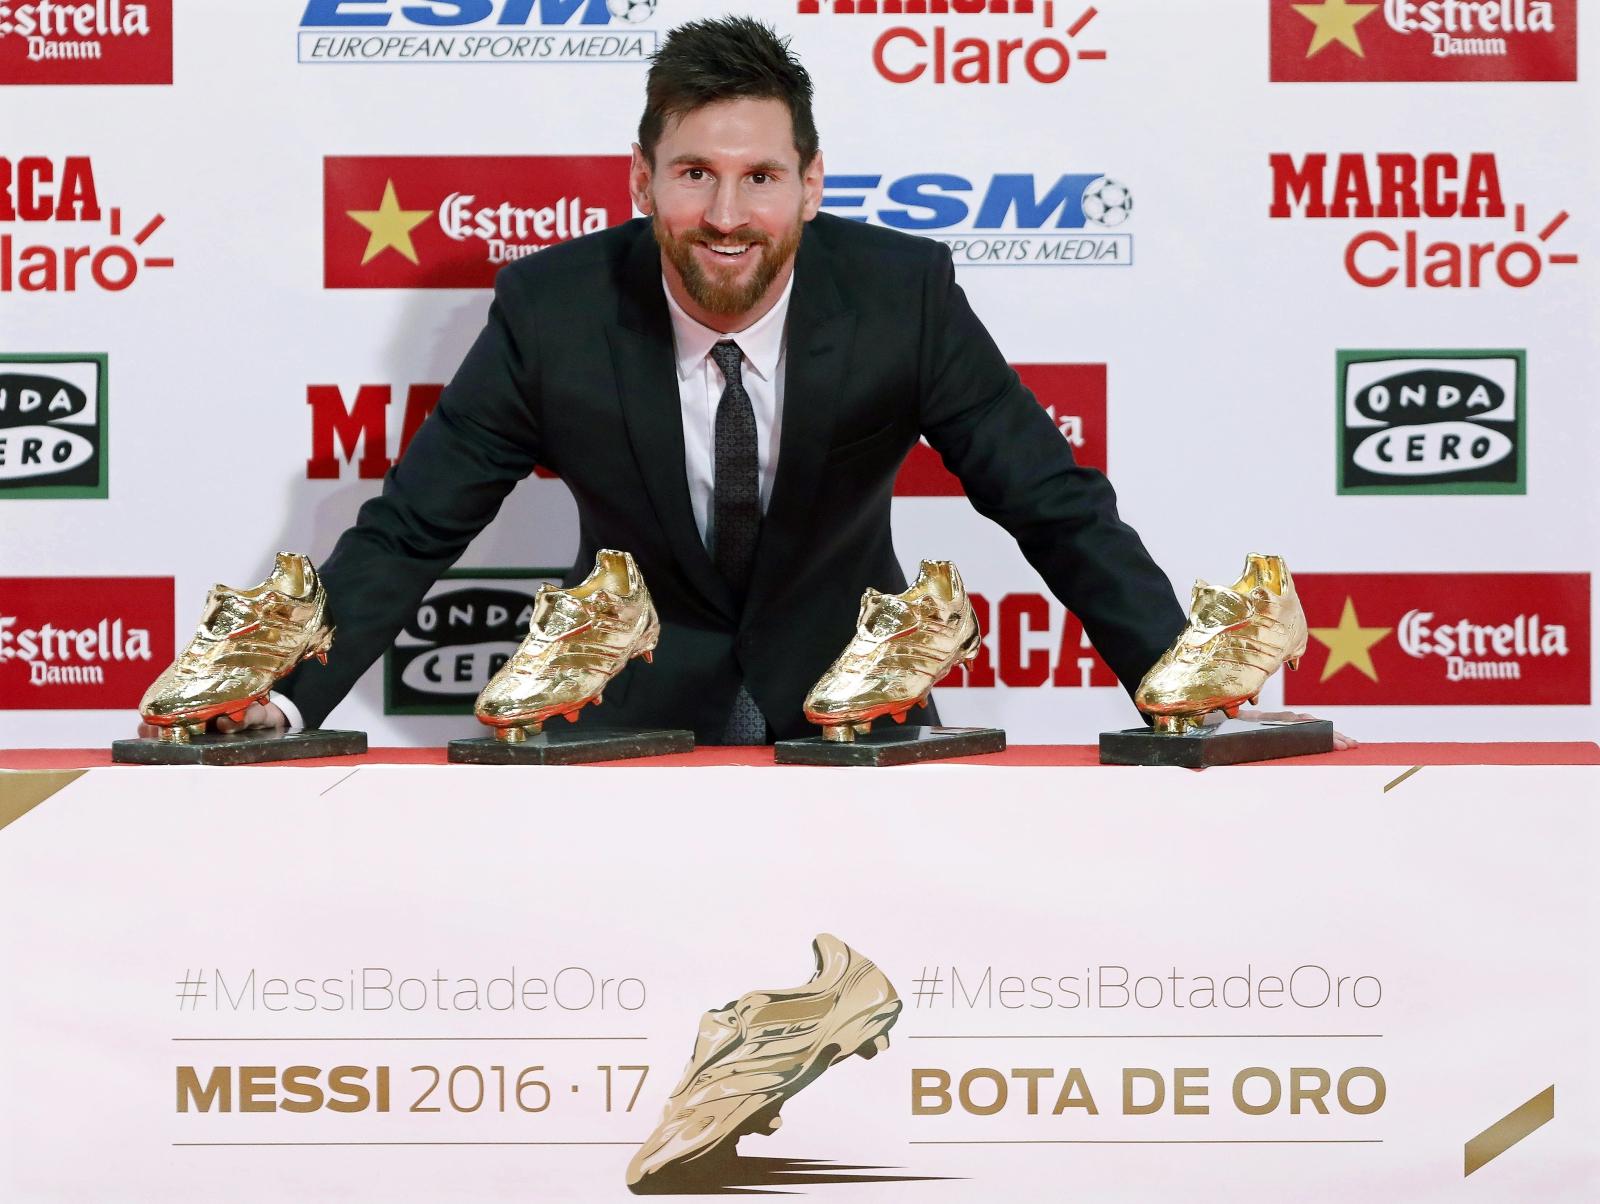 Leo Mesii po raz czwarty odbiera nagrodę Złotych Butów , Barcelona, Hiszpania.